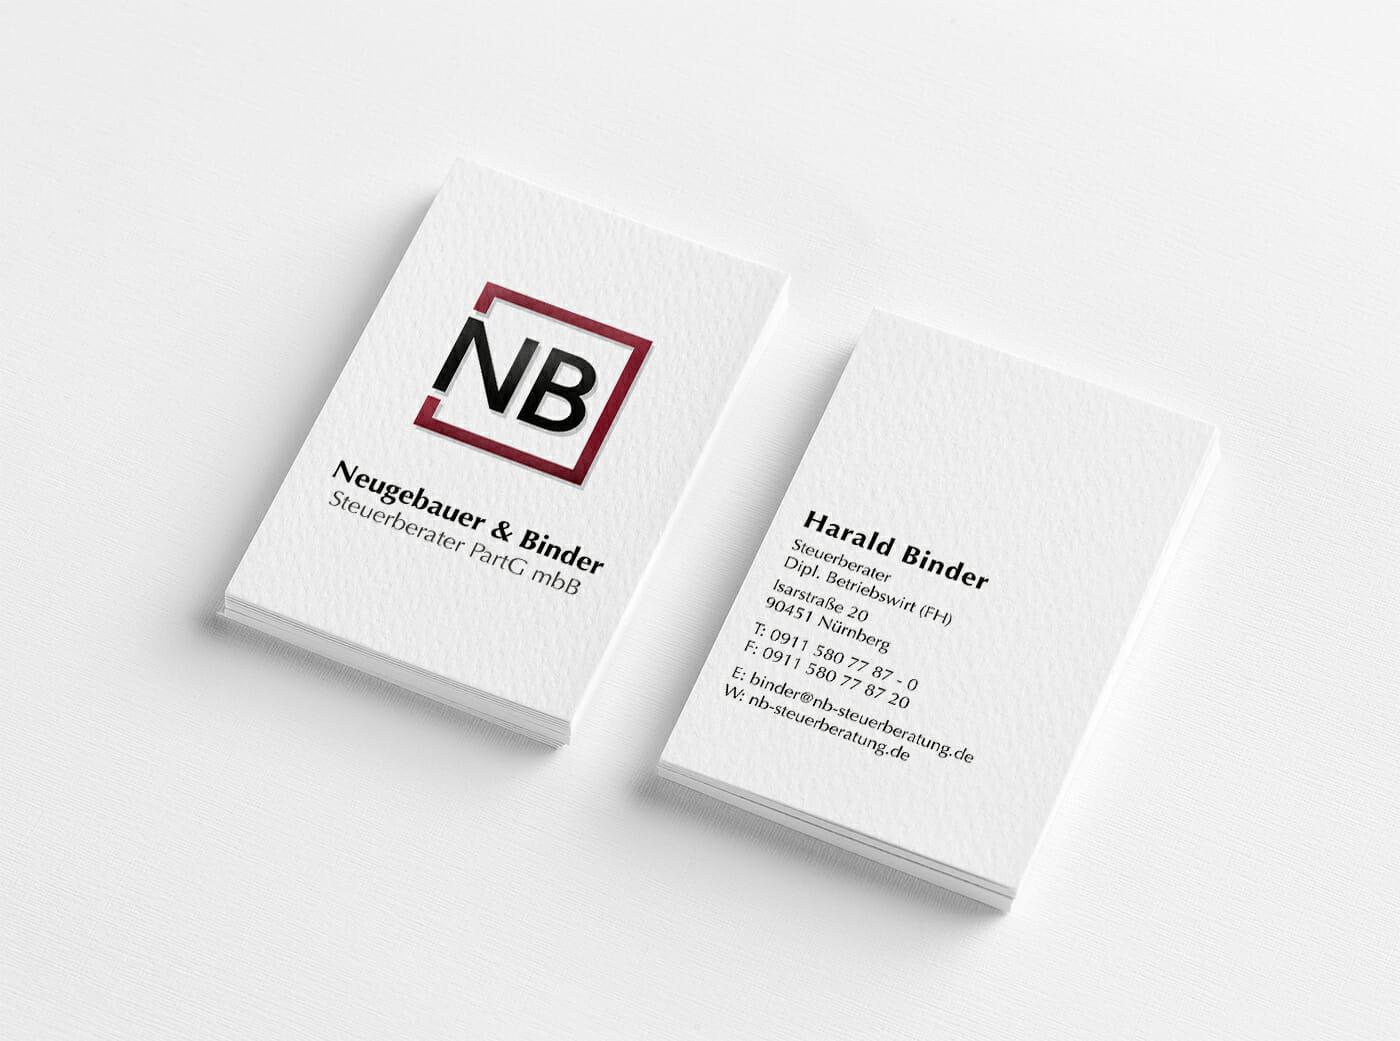 NB Visitenkarte